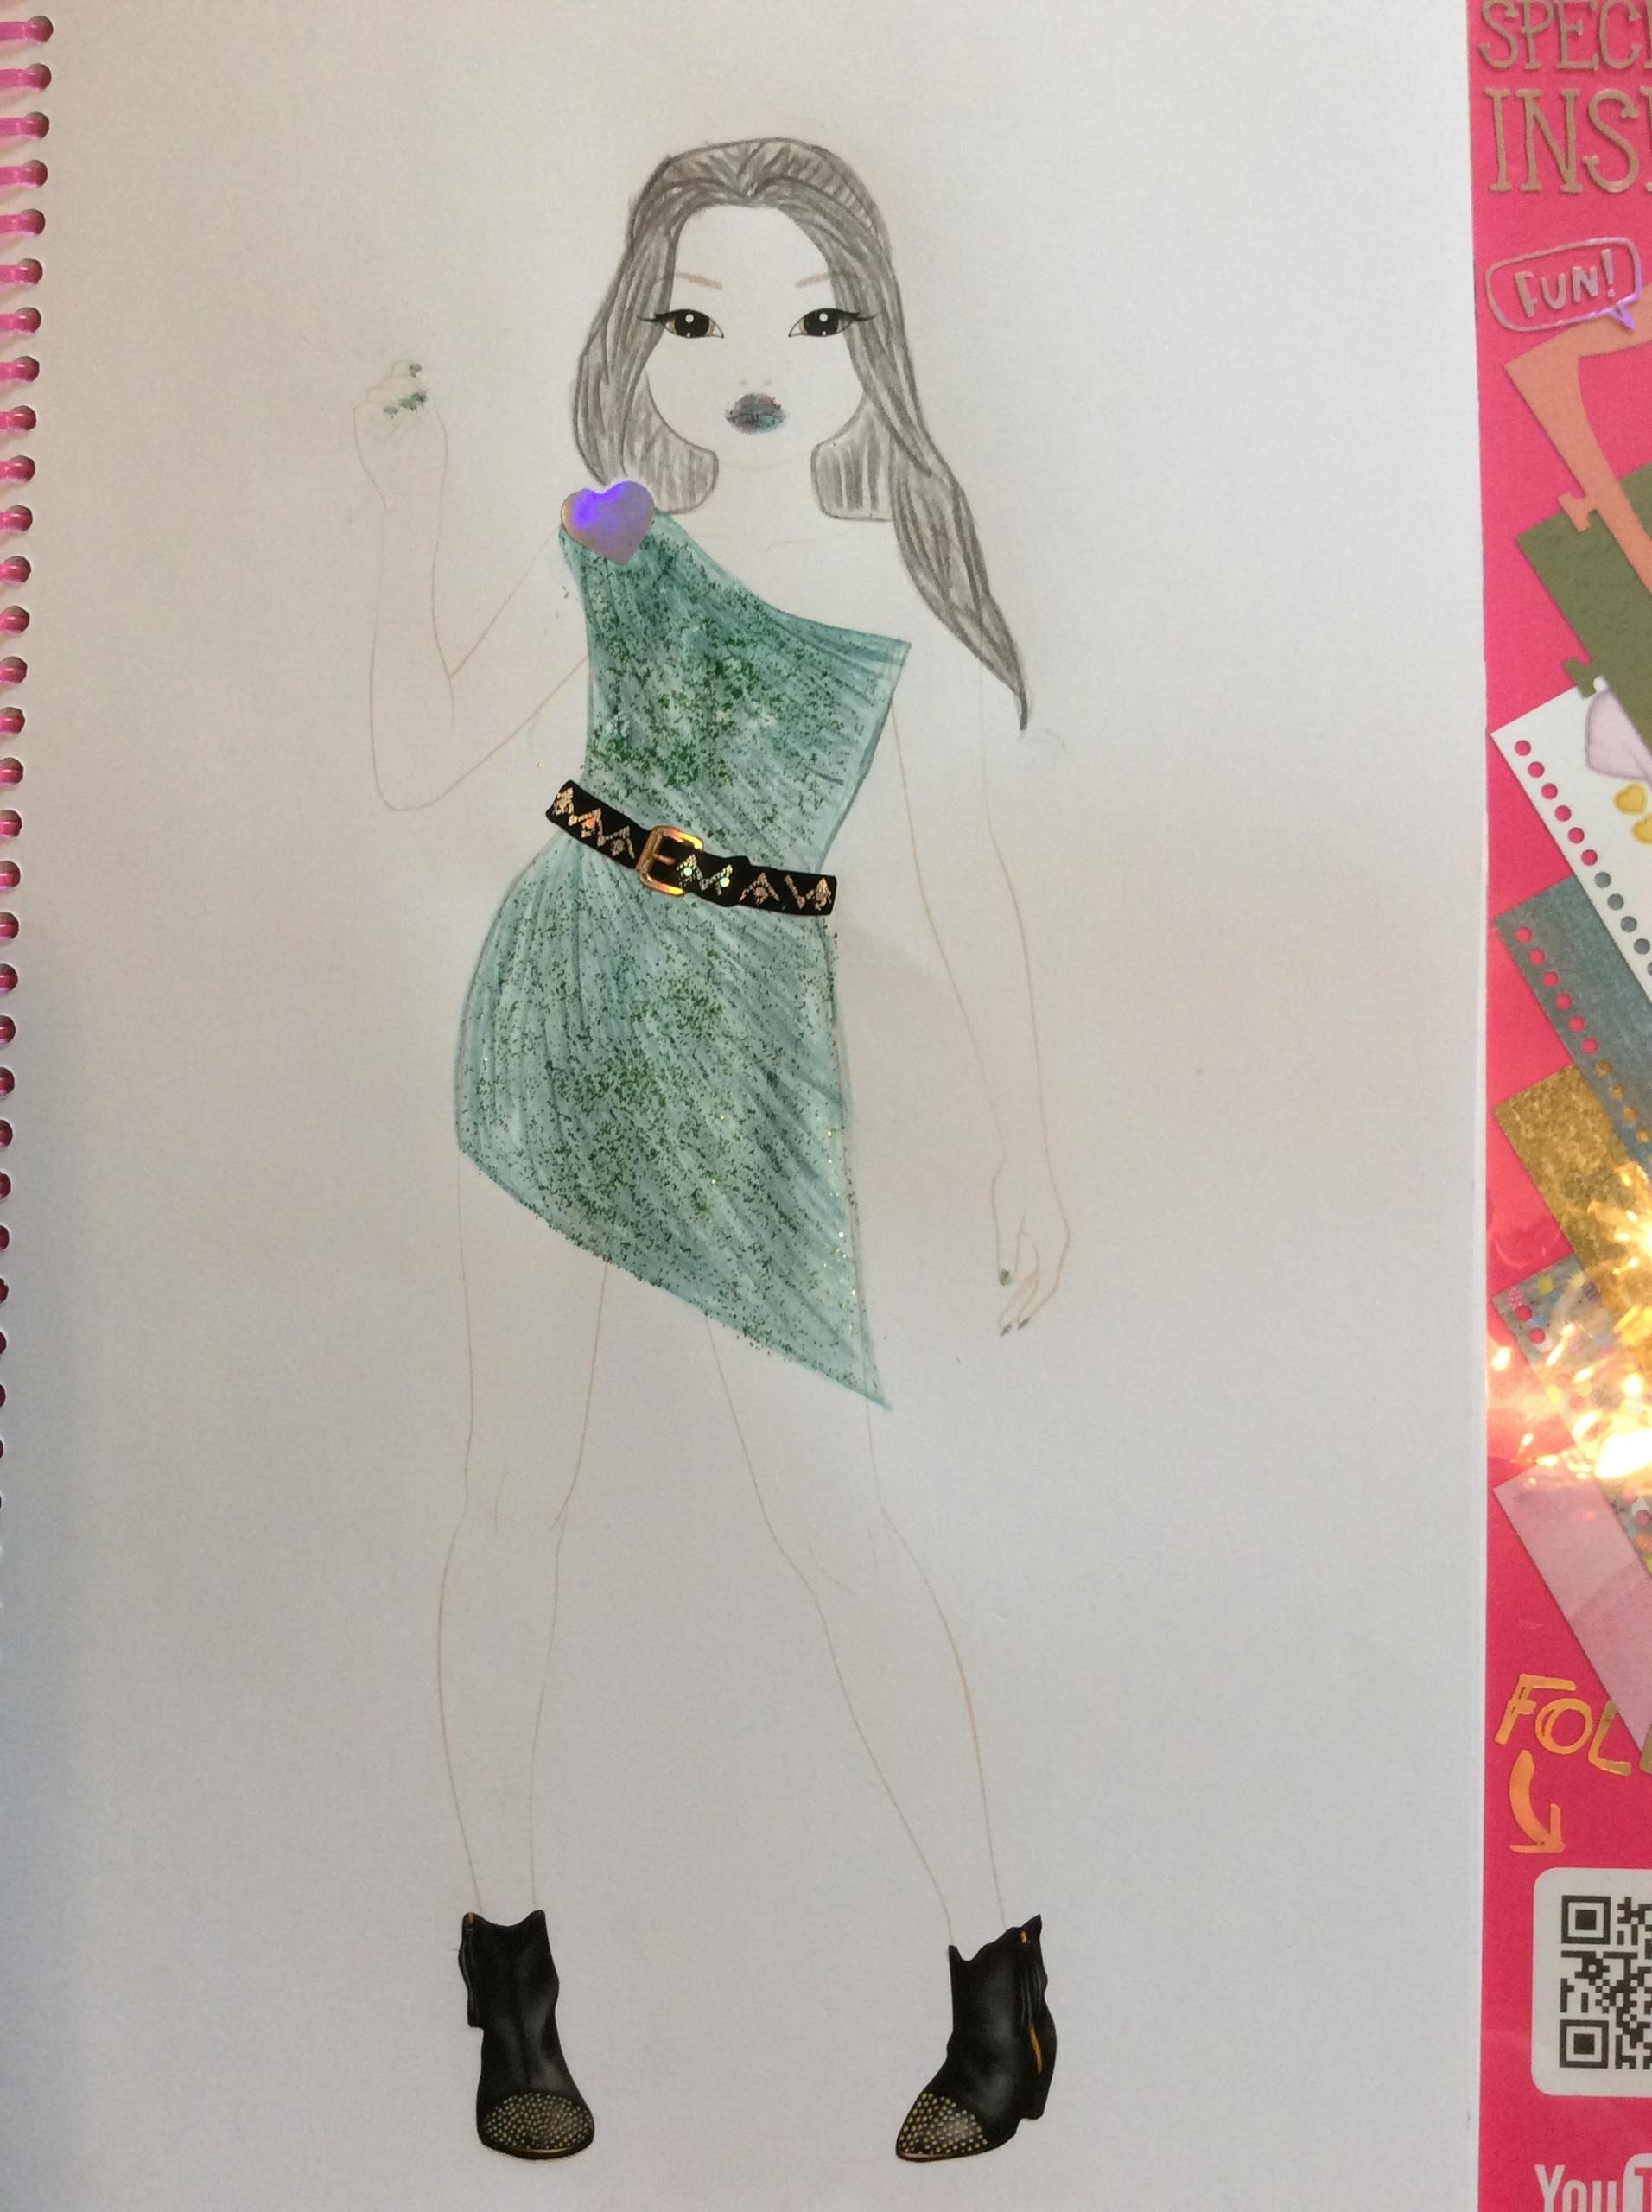 mélissa b., 10 ans, surbordeaux